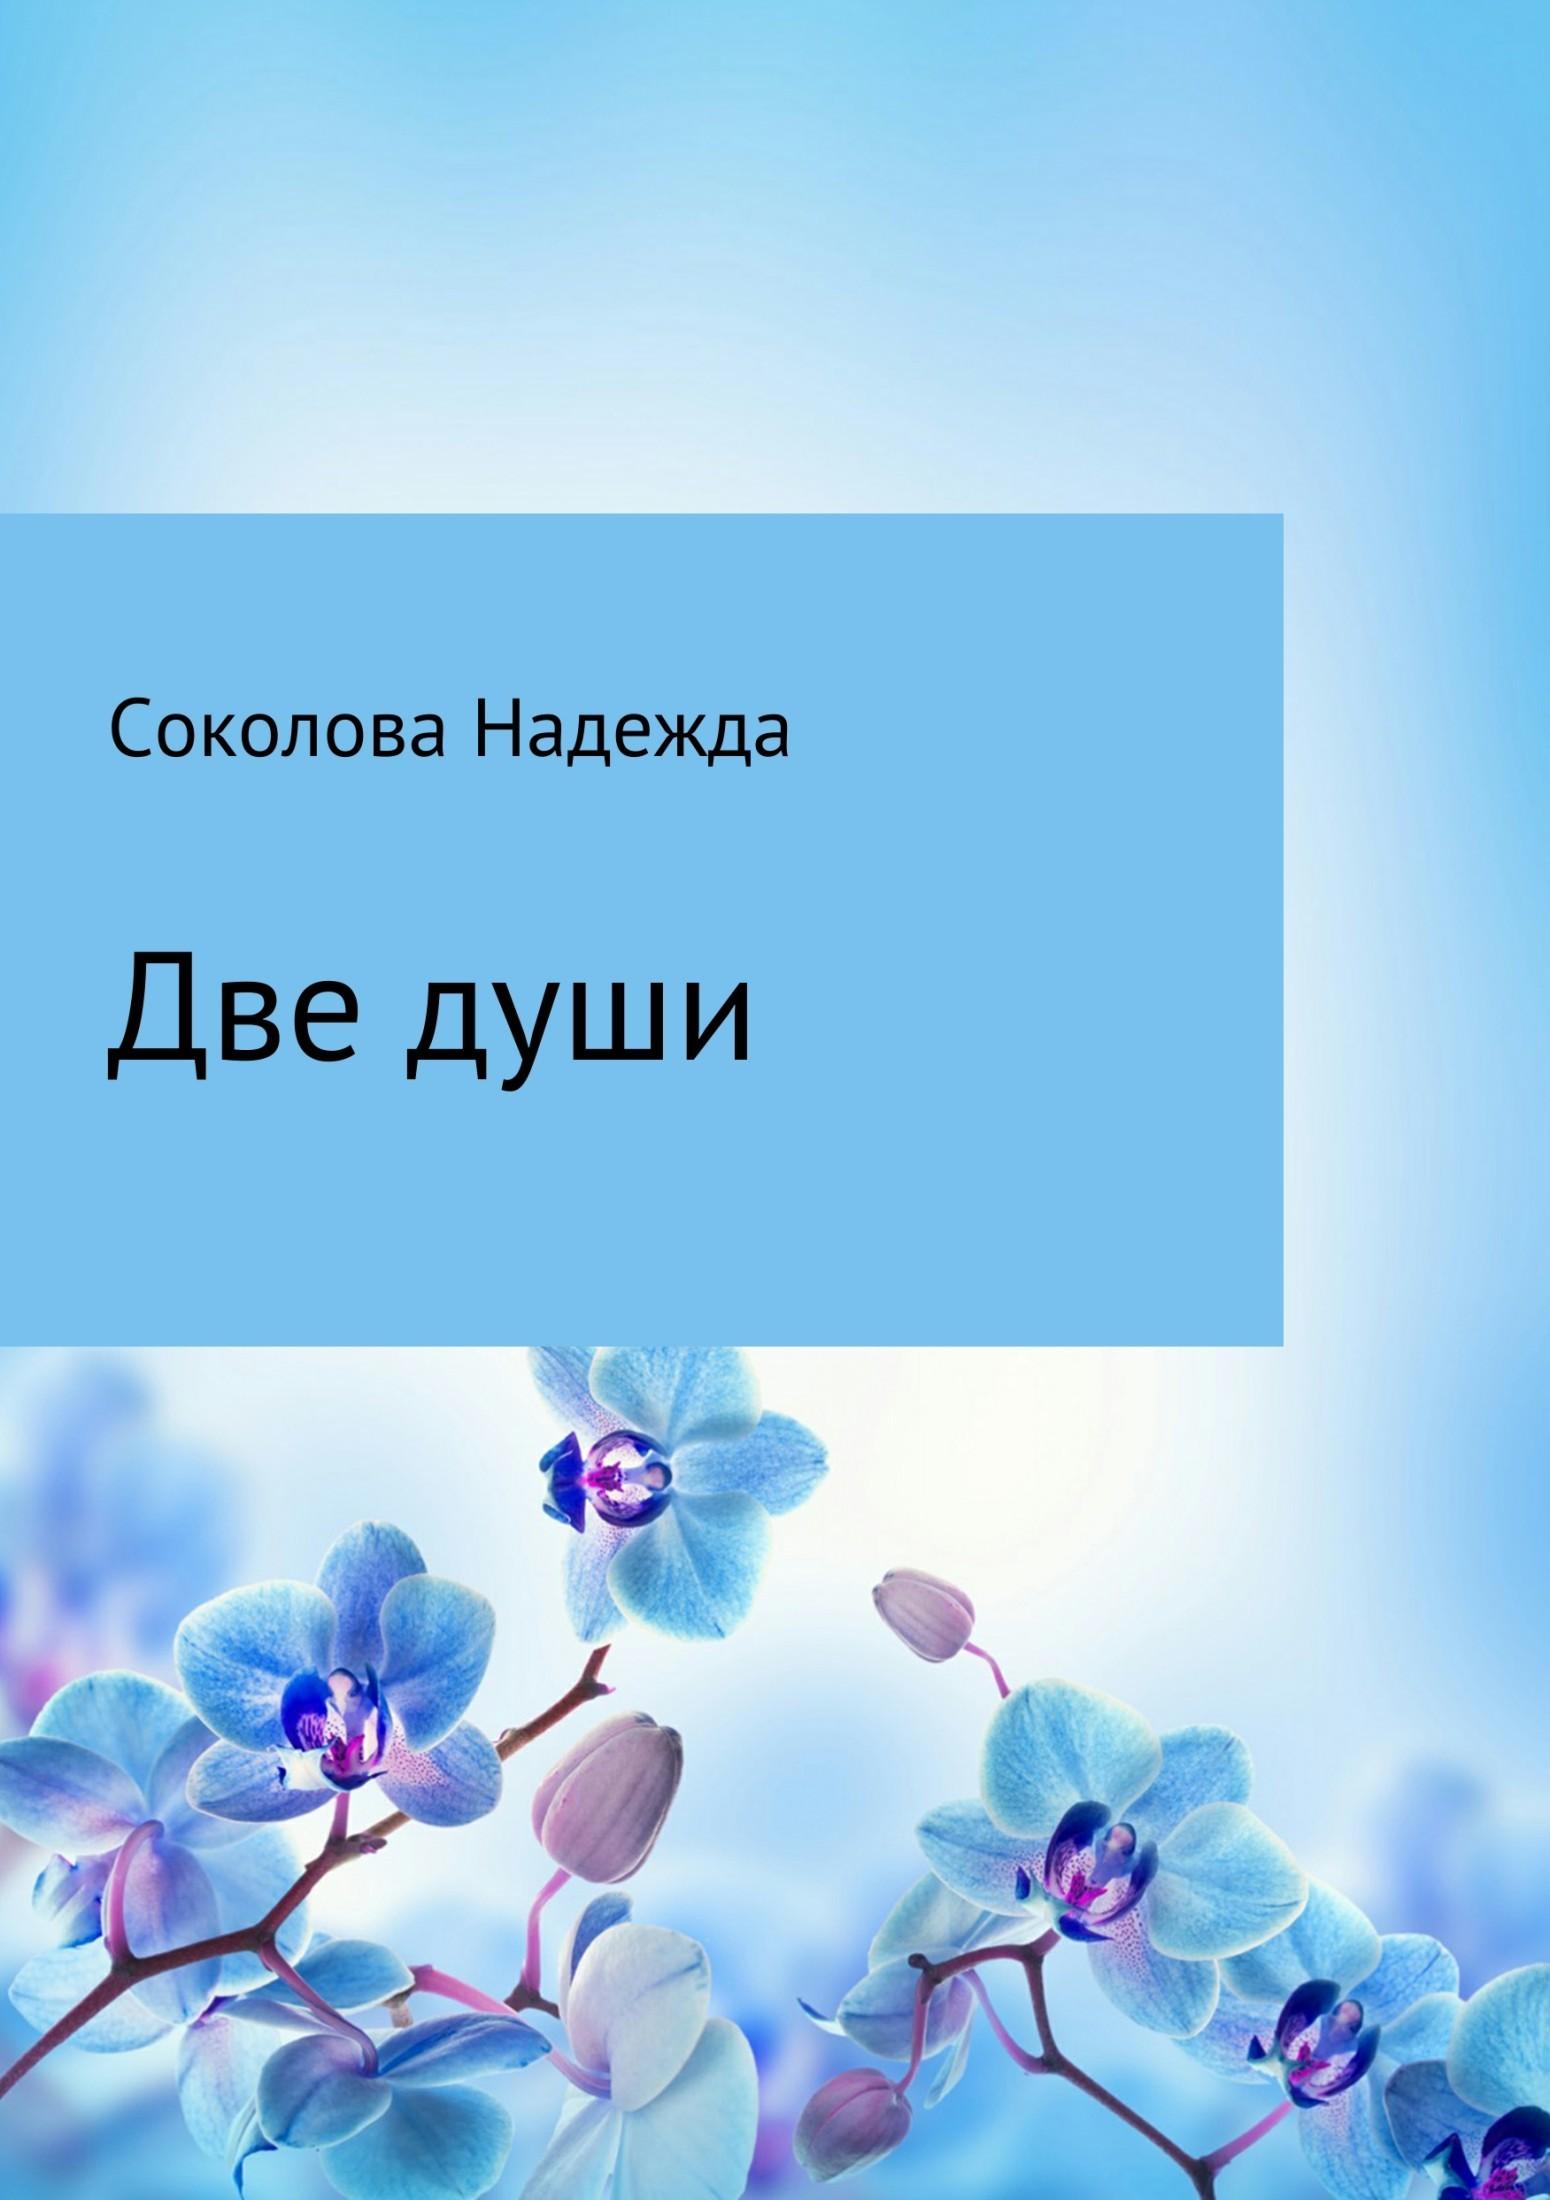 Надежда Игоревна Соколова. Две души